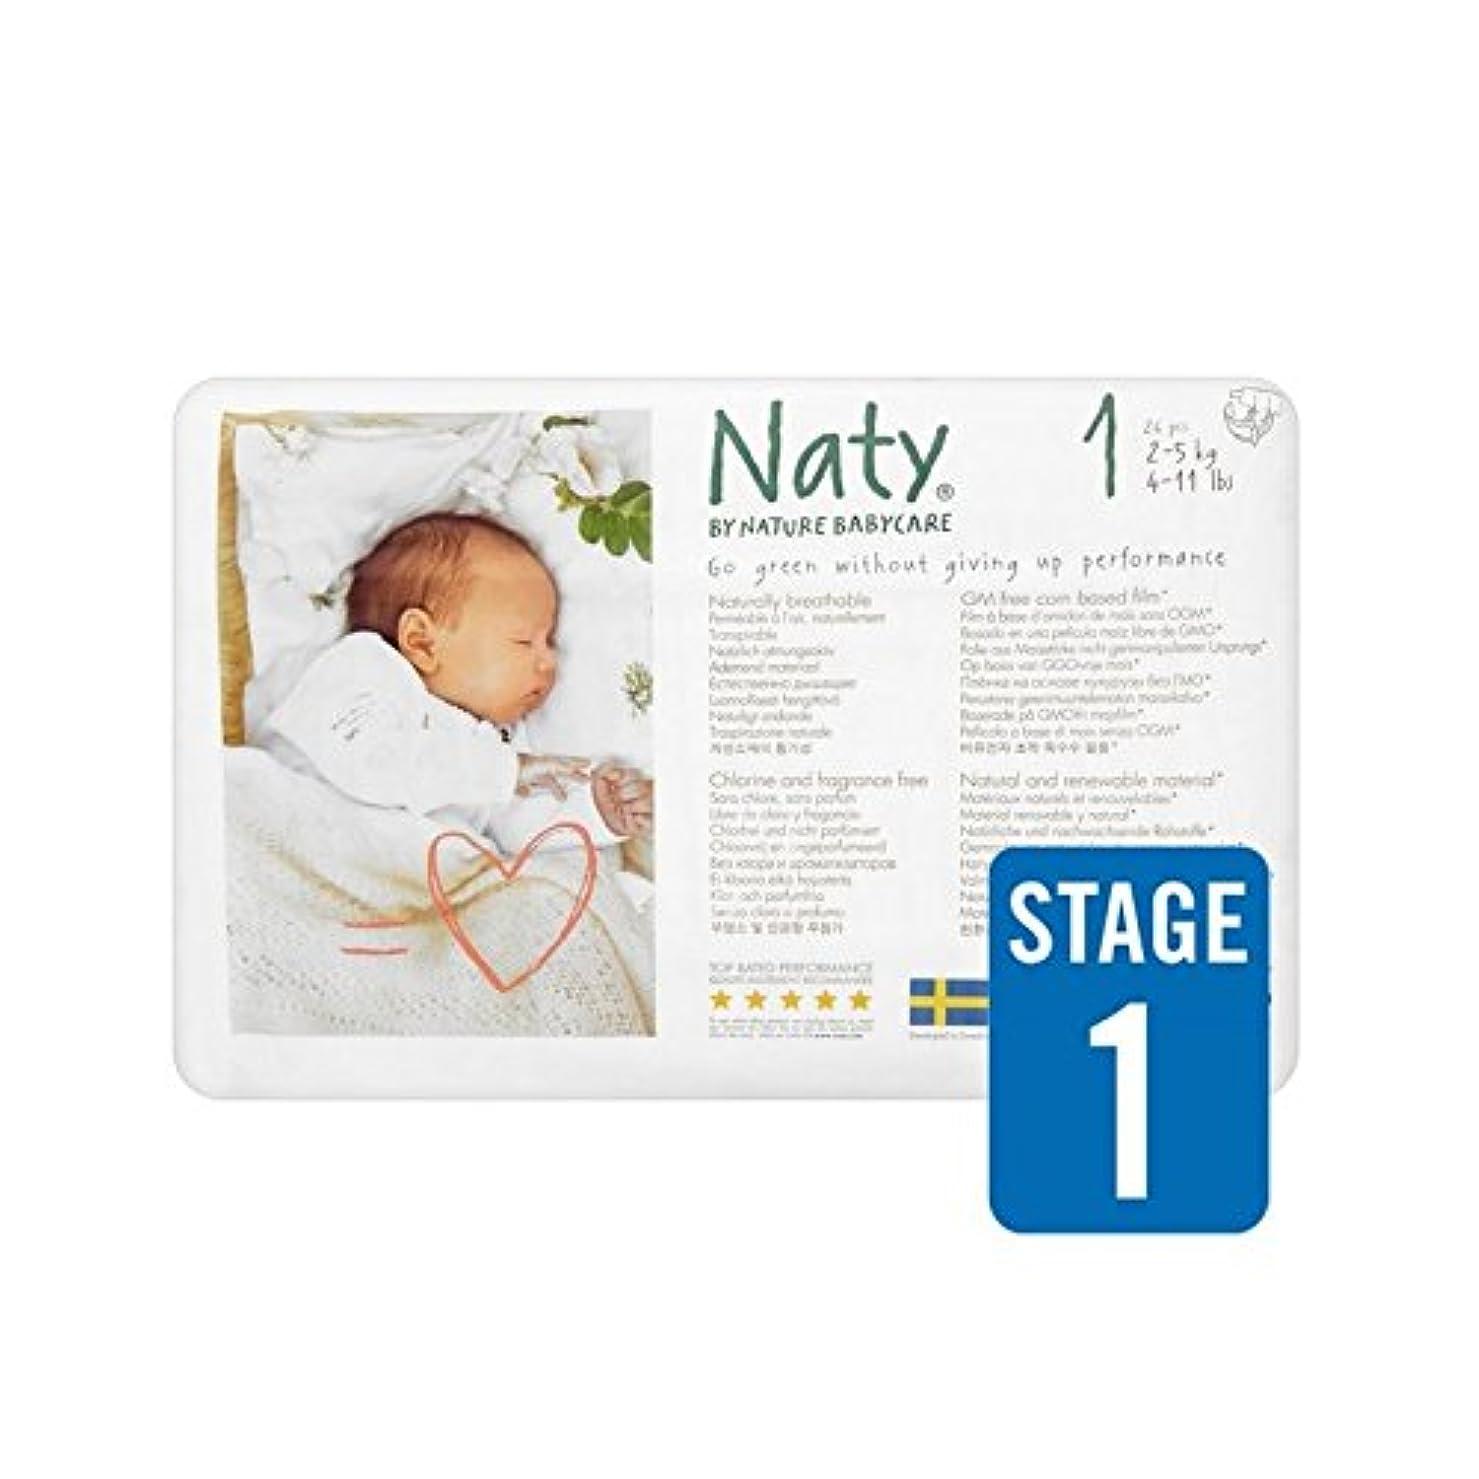 オーガニックシェトランド諸島輝く1パックNatyサイズ1キャリー26 (Nature) (x 2) - Naty Size 1 Carry 26 per pack (Pack of 2) [並行輸入品]